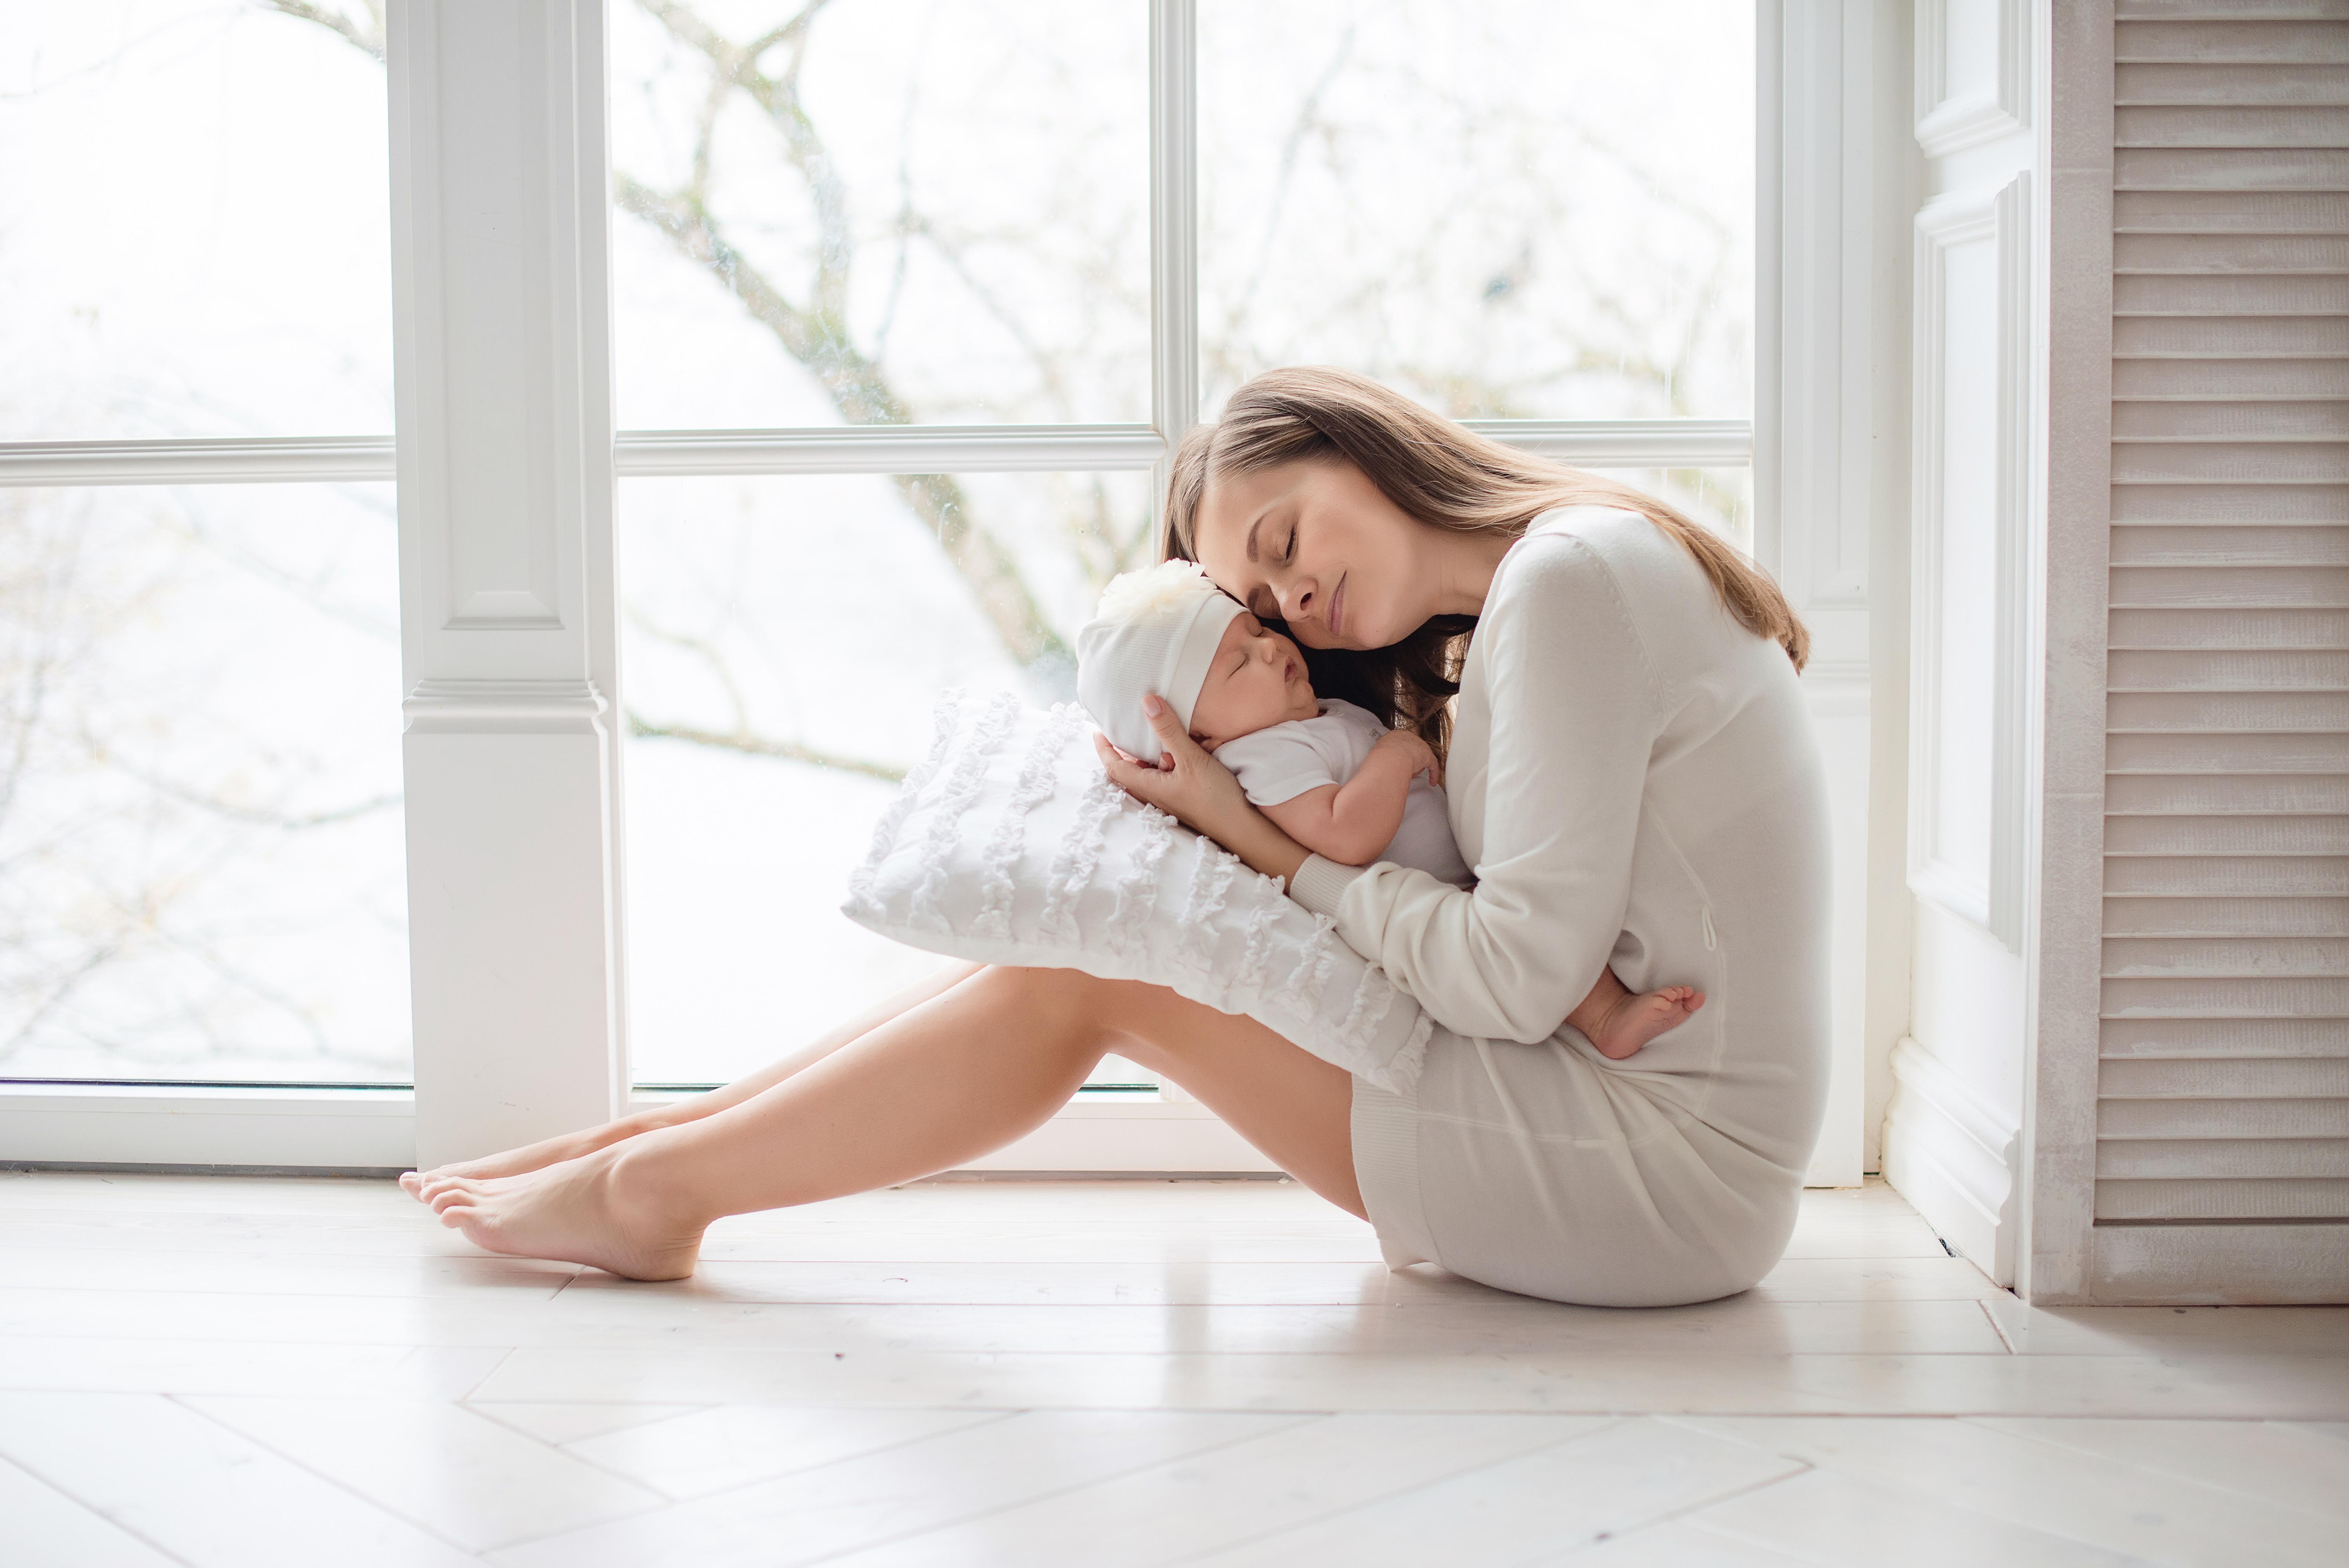 Gesichtspflege Schwangerschaft 6 - Gesichtspflege Schwangerschaft→ 100 % Natur & ohne Akne!